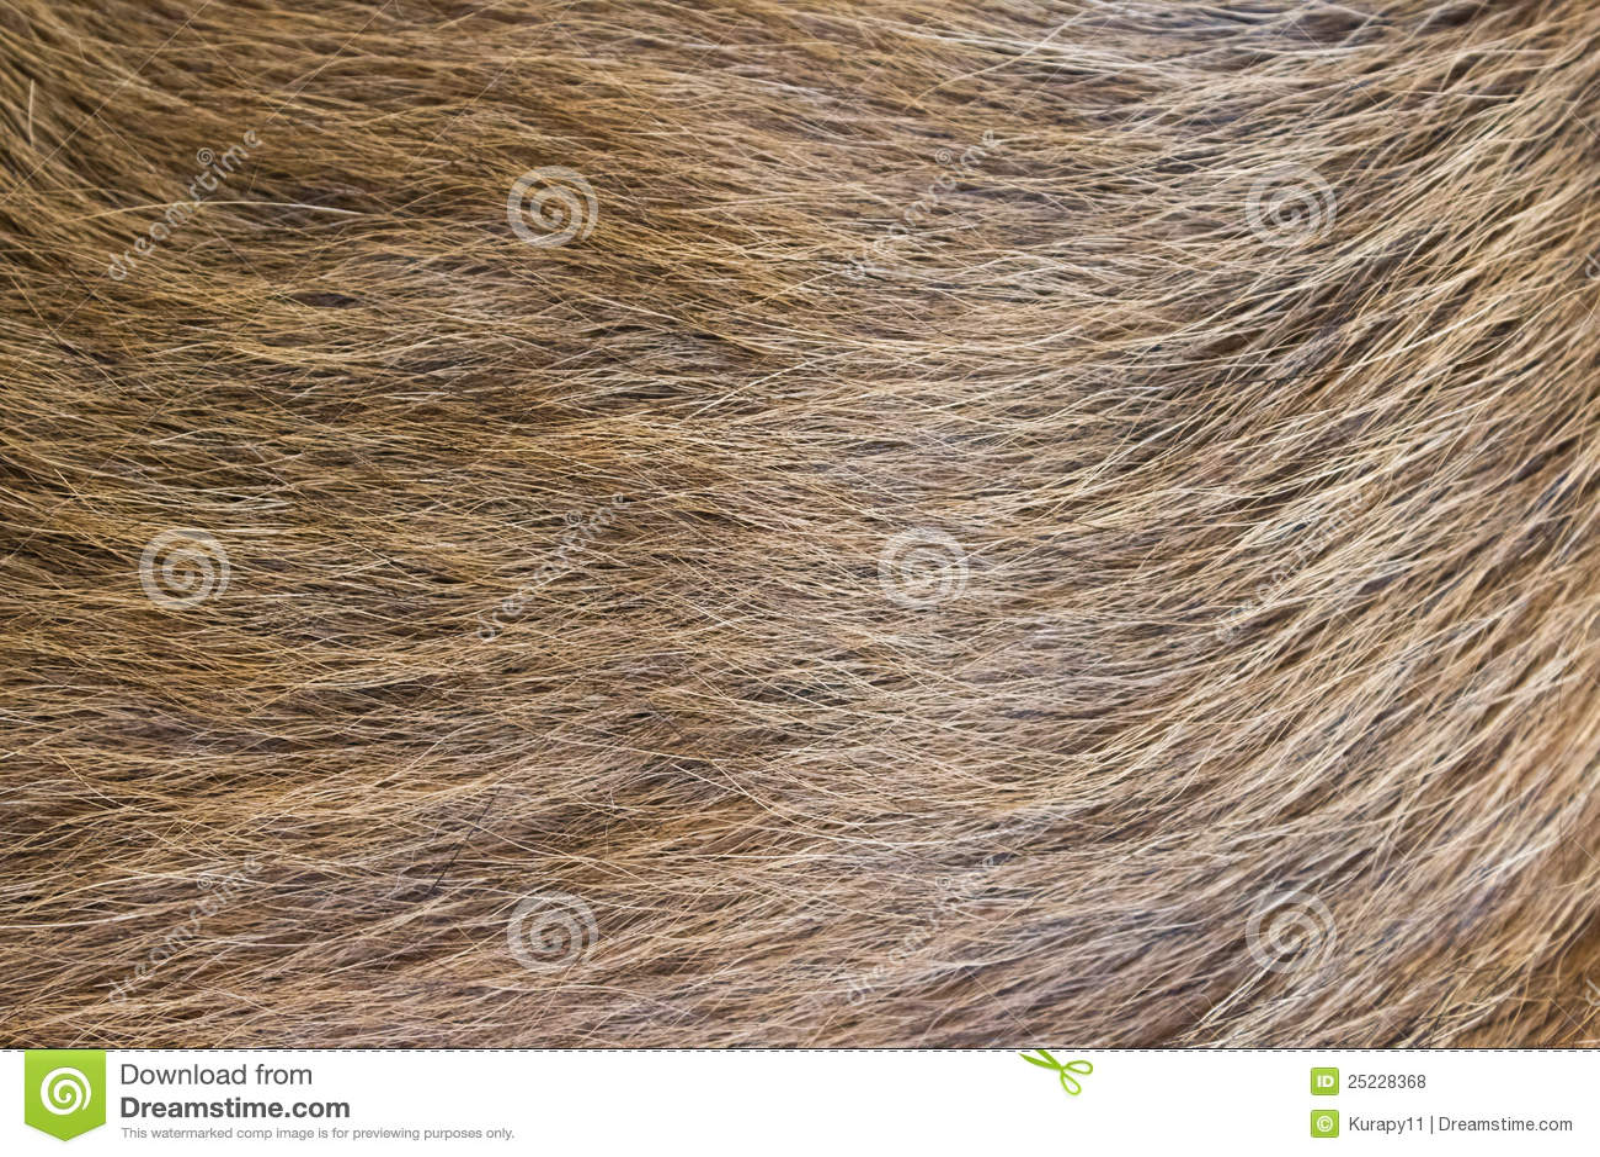 Een beige hondbont.